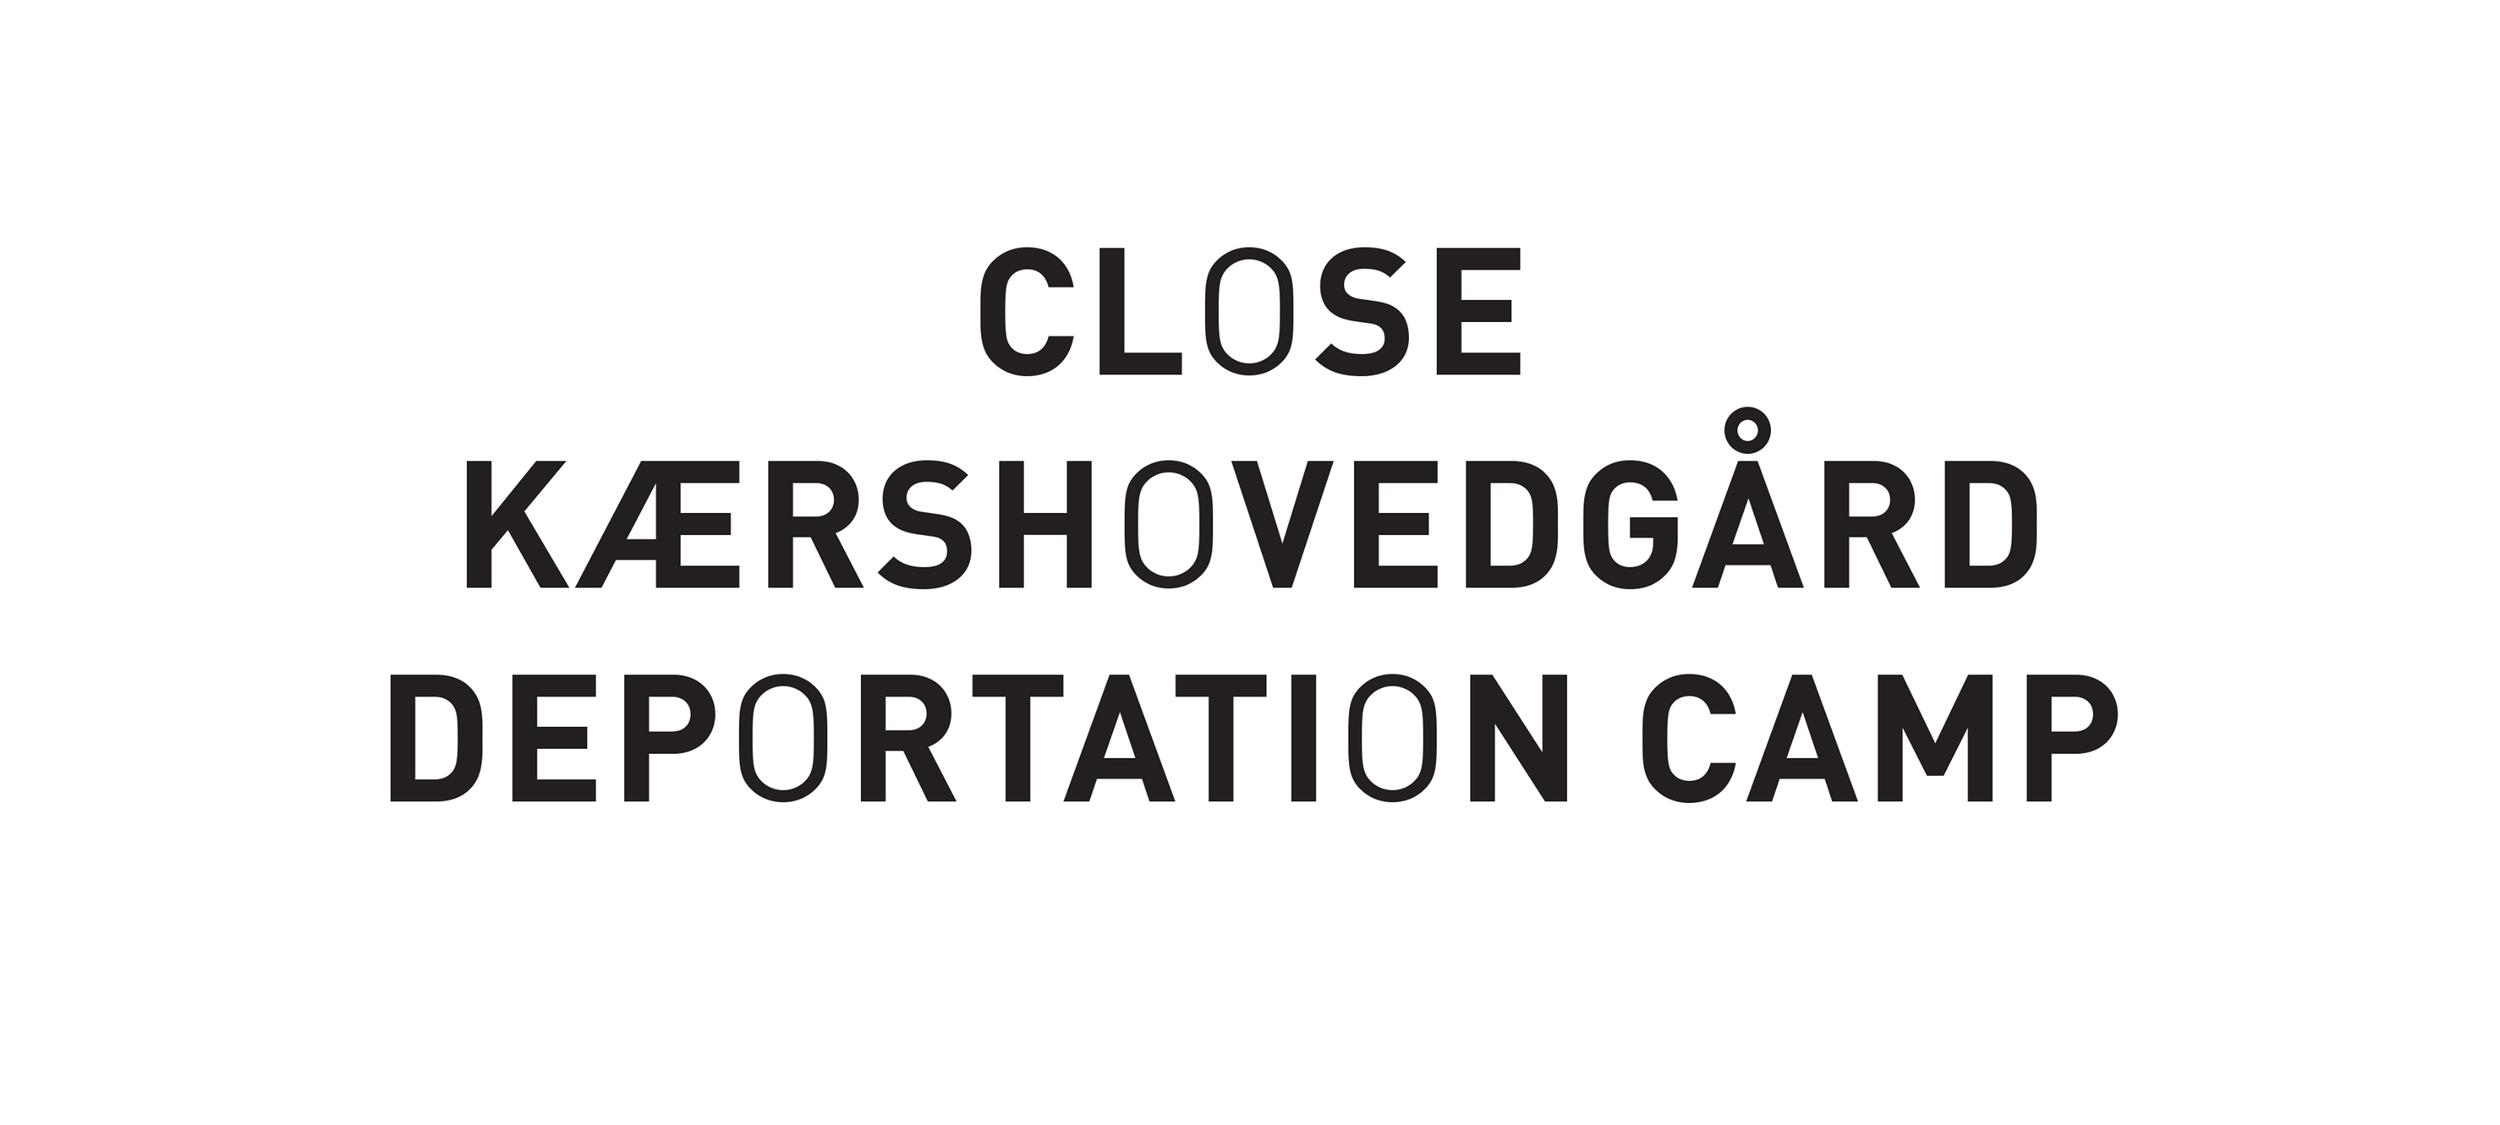 Join the  demonstration  to close Kærshovedgård deportation camp on Friday!